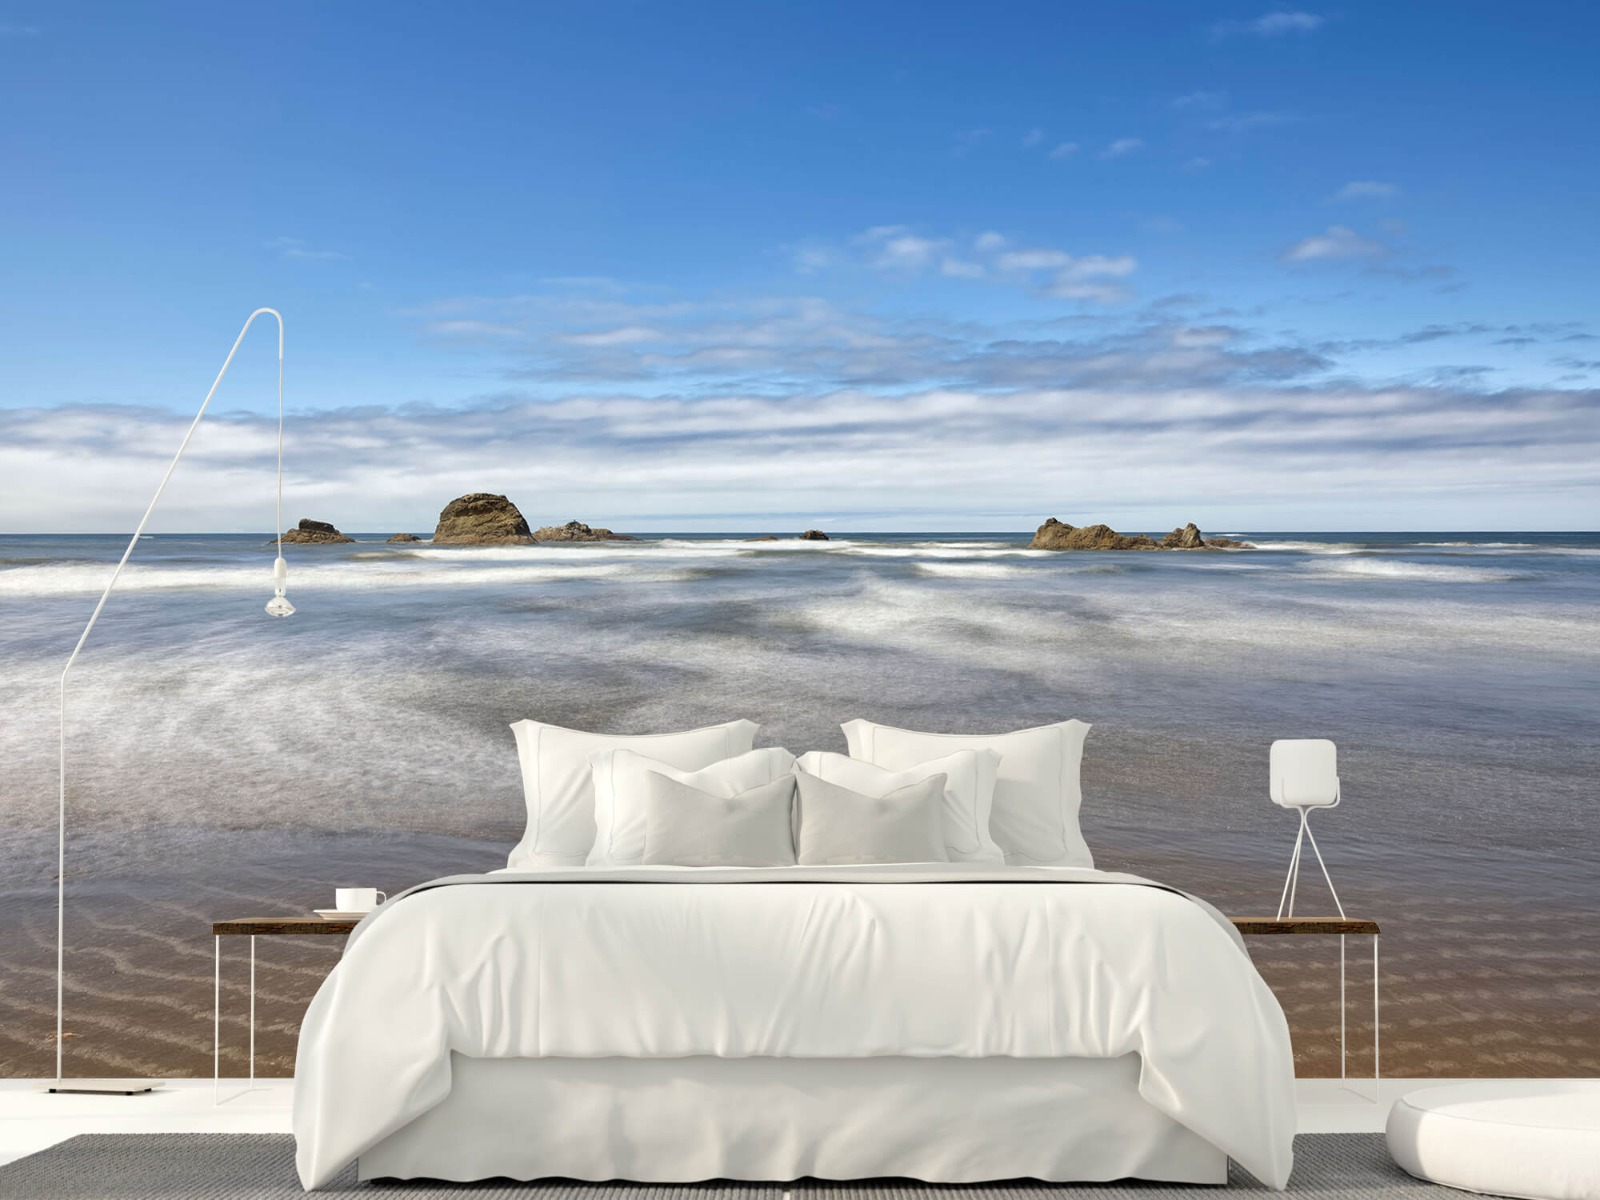 Zeeën en Oceanen - Strand met rotsen - Slaapkamer 3